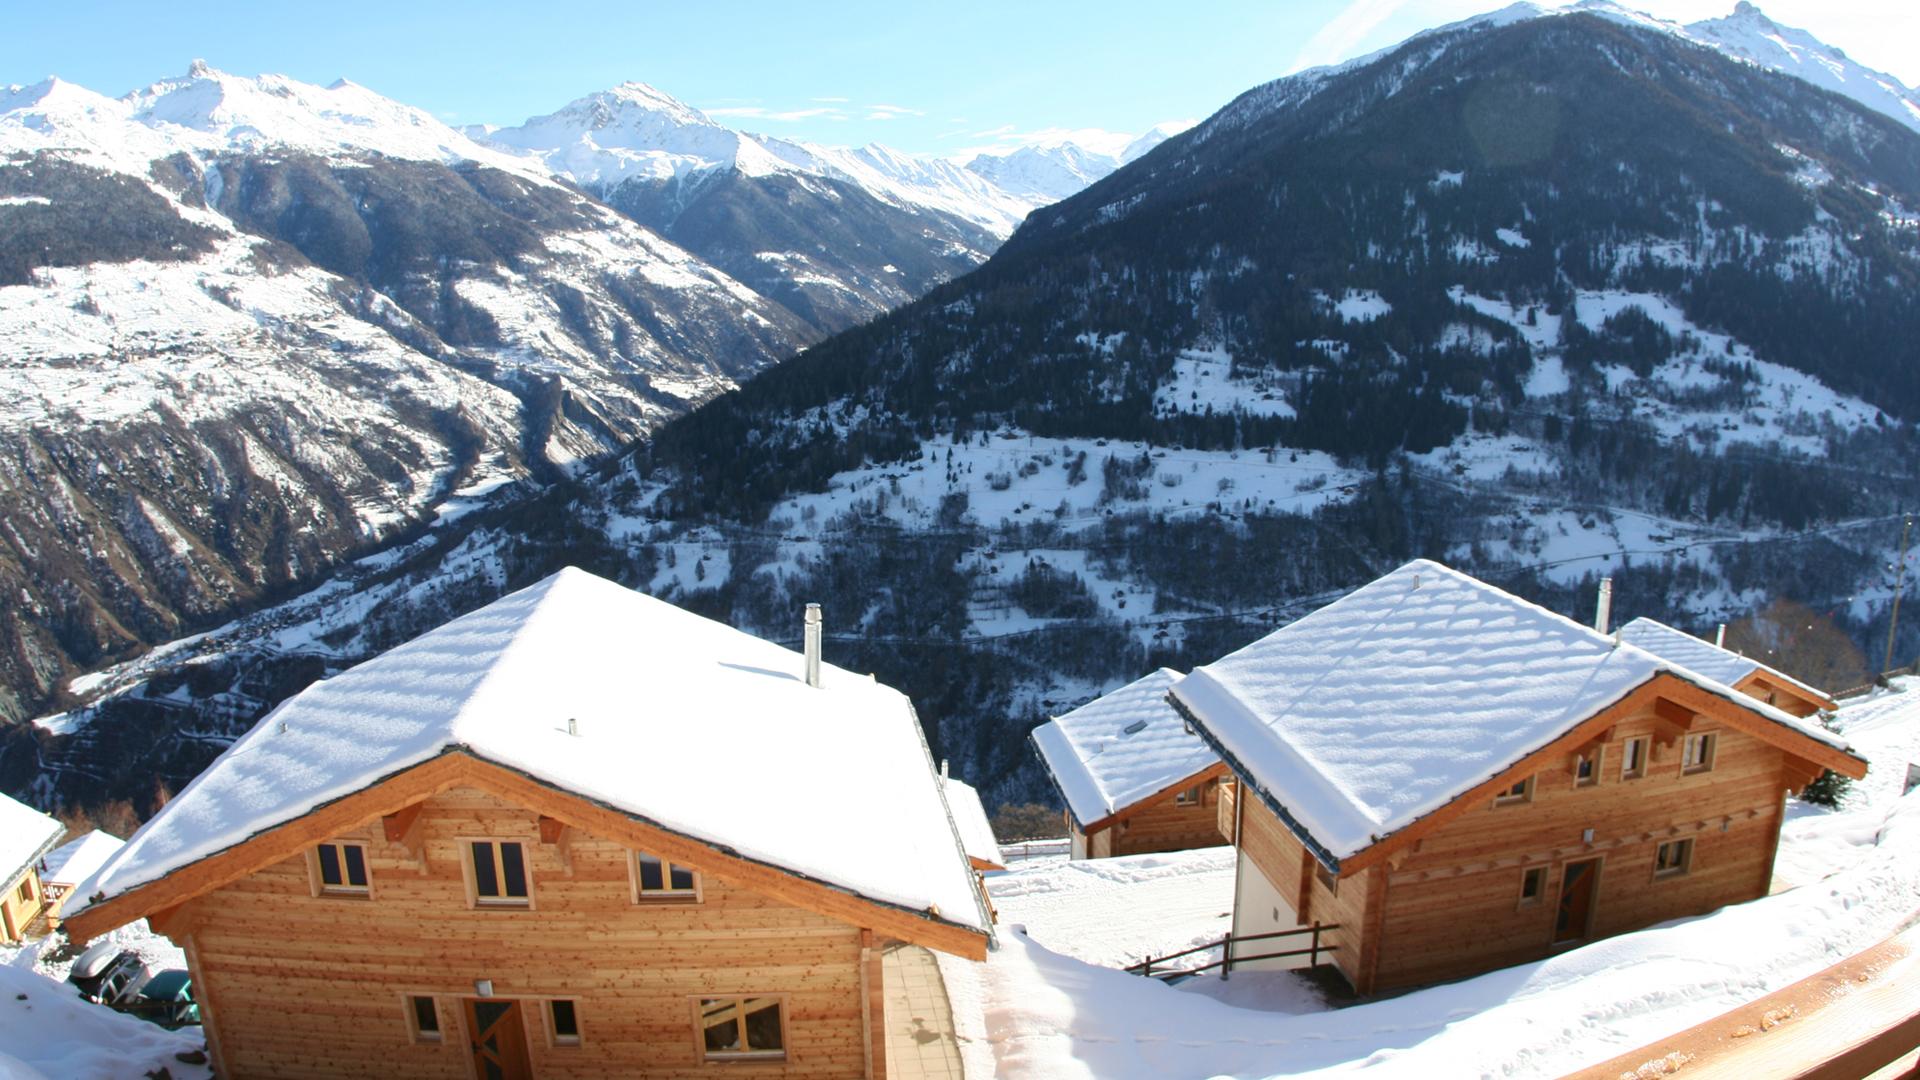 Chalet 7 Chalet, Switzerland